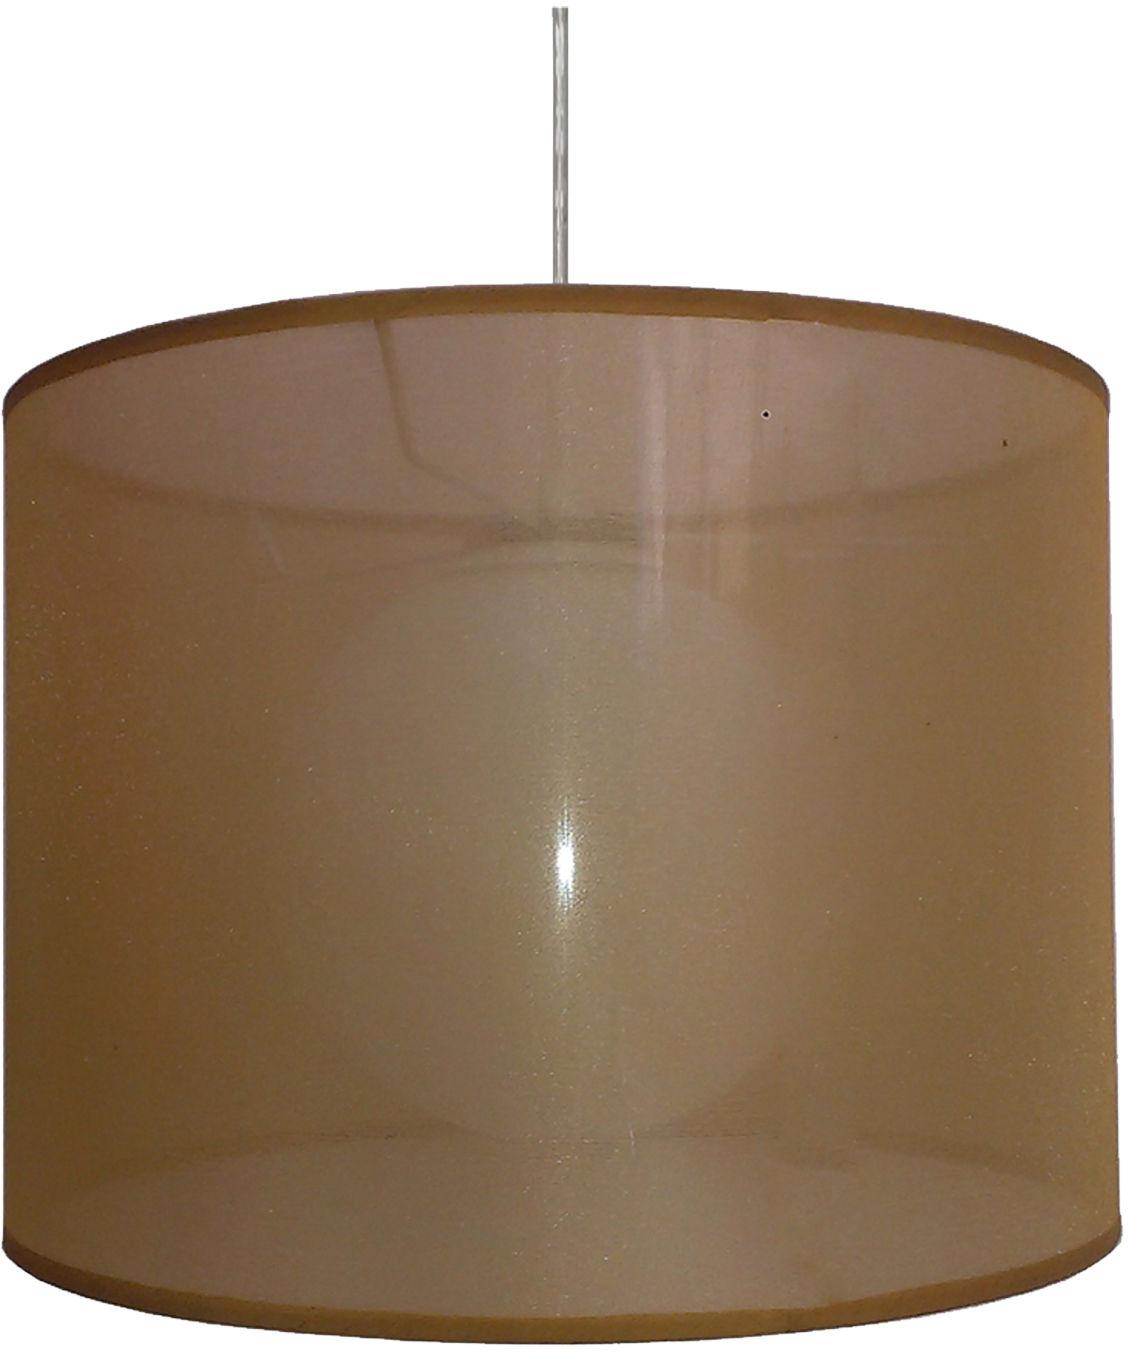 Candellux CHICAGO 31-24893 lampa wisząca abażur złoty szklana kula 1X60W E27 35cm